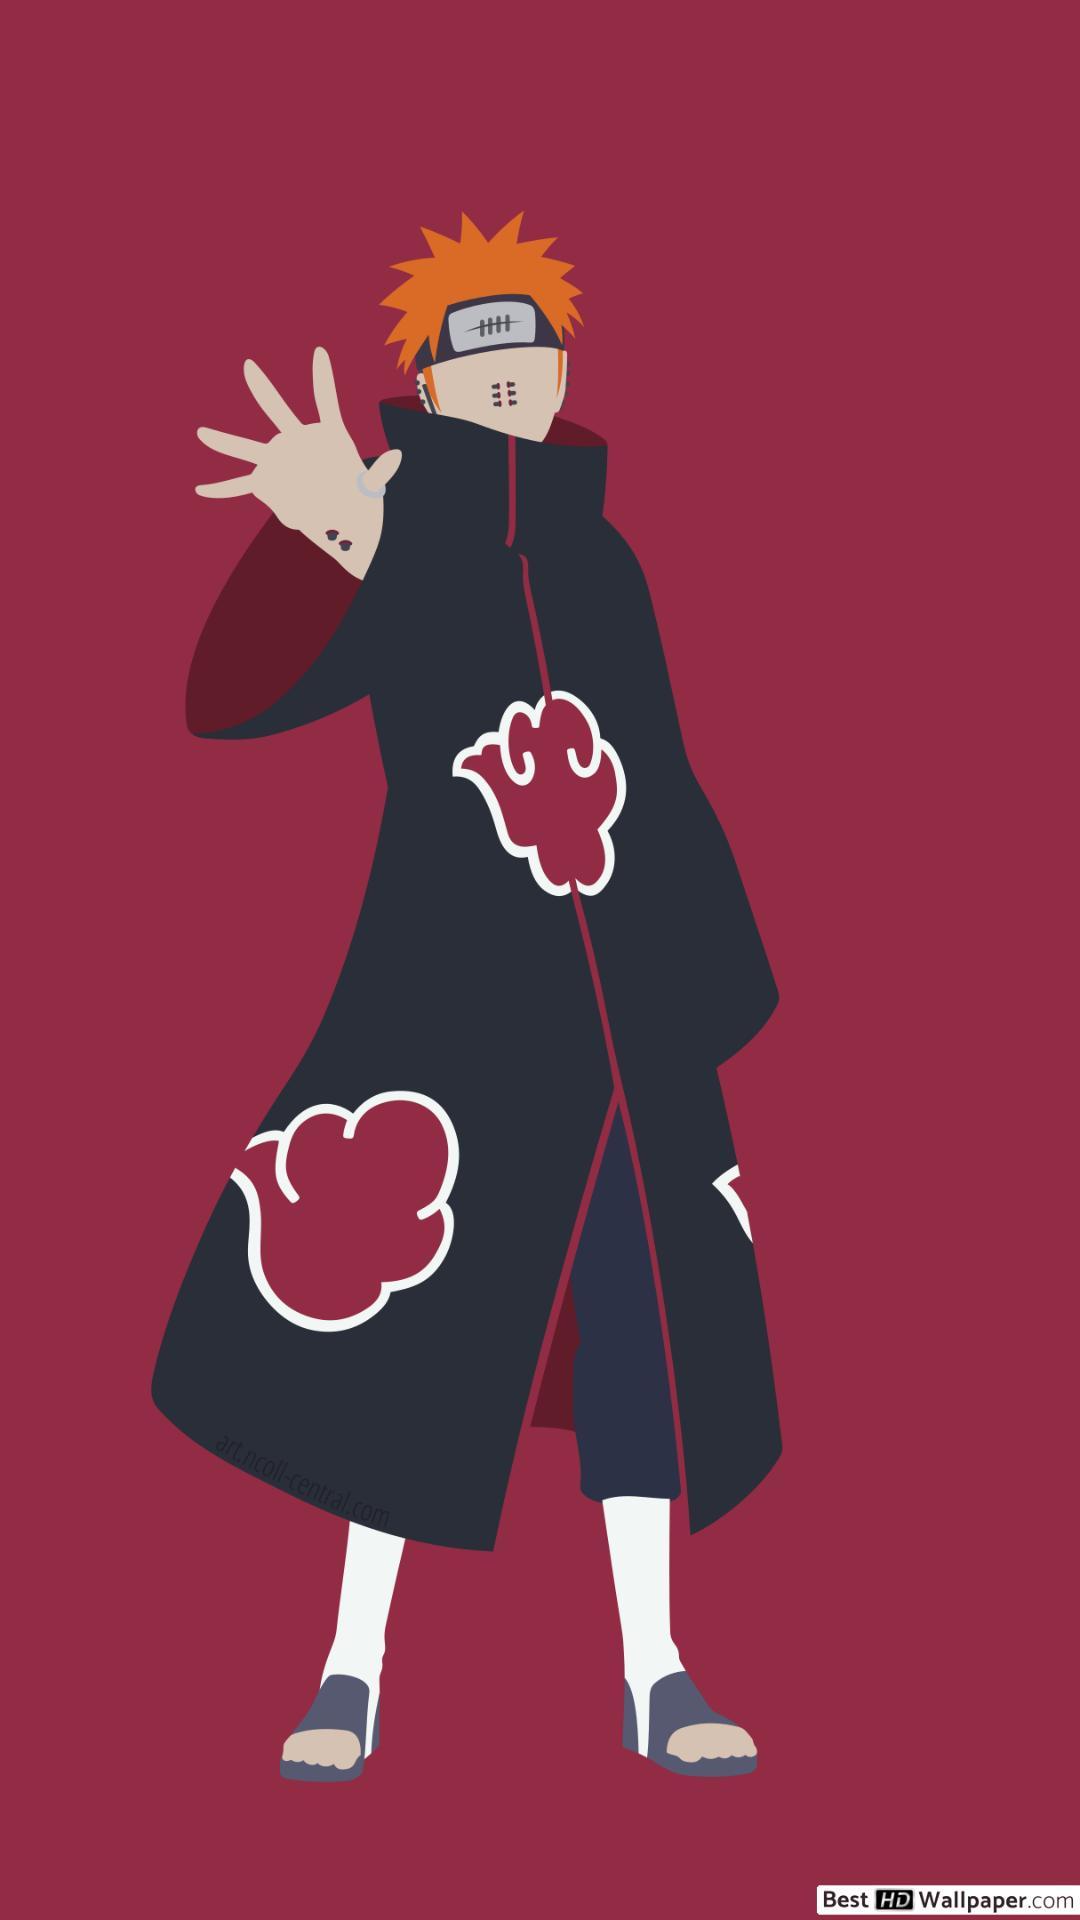 Pain Yahiko of Naruto HD wallpaper download 1080x1920